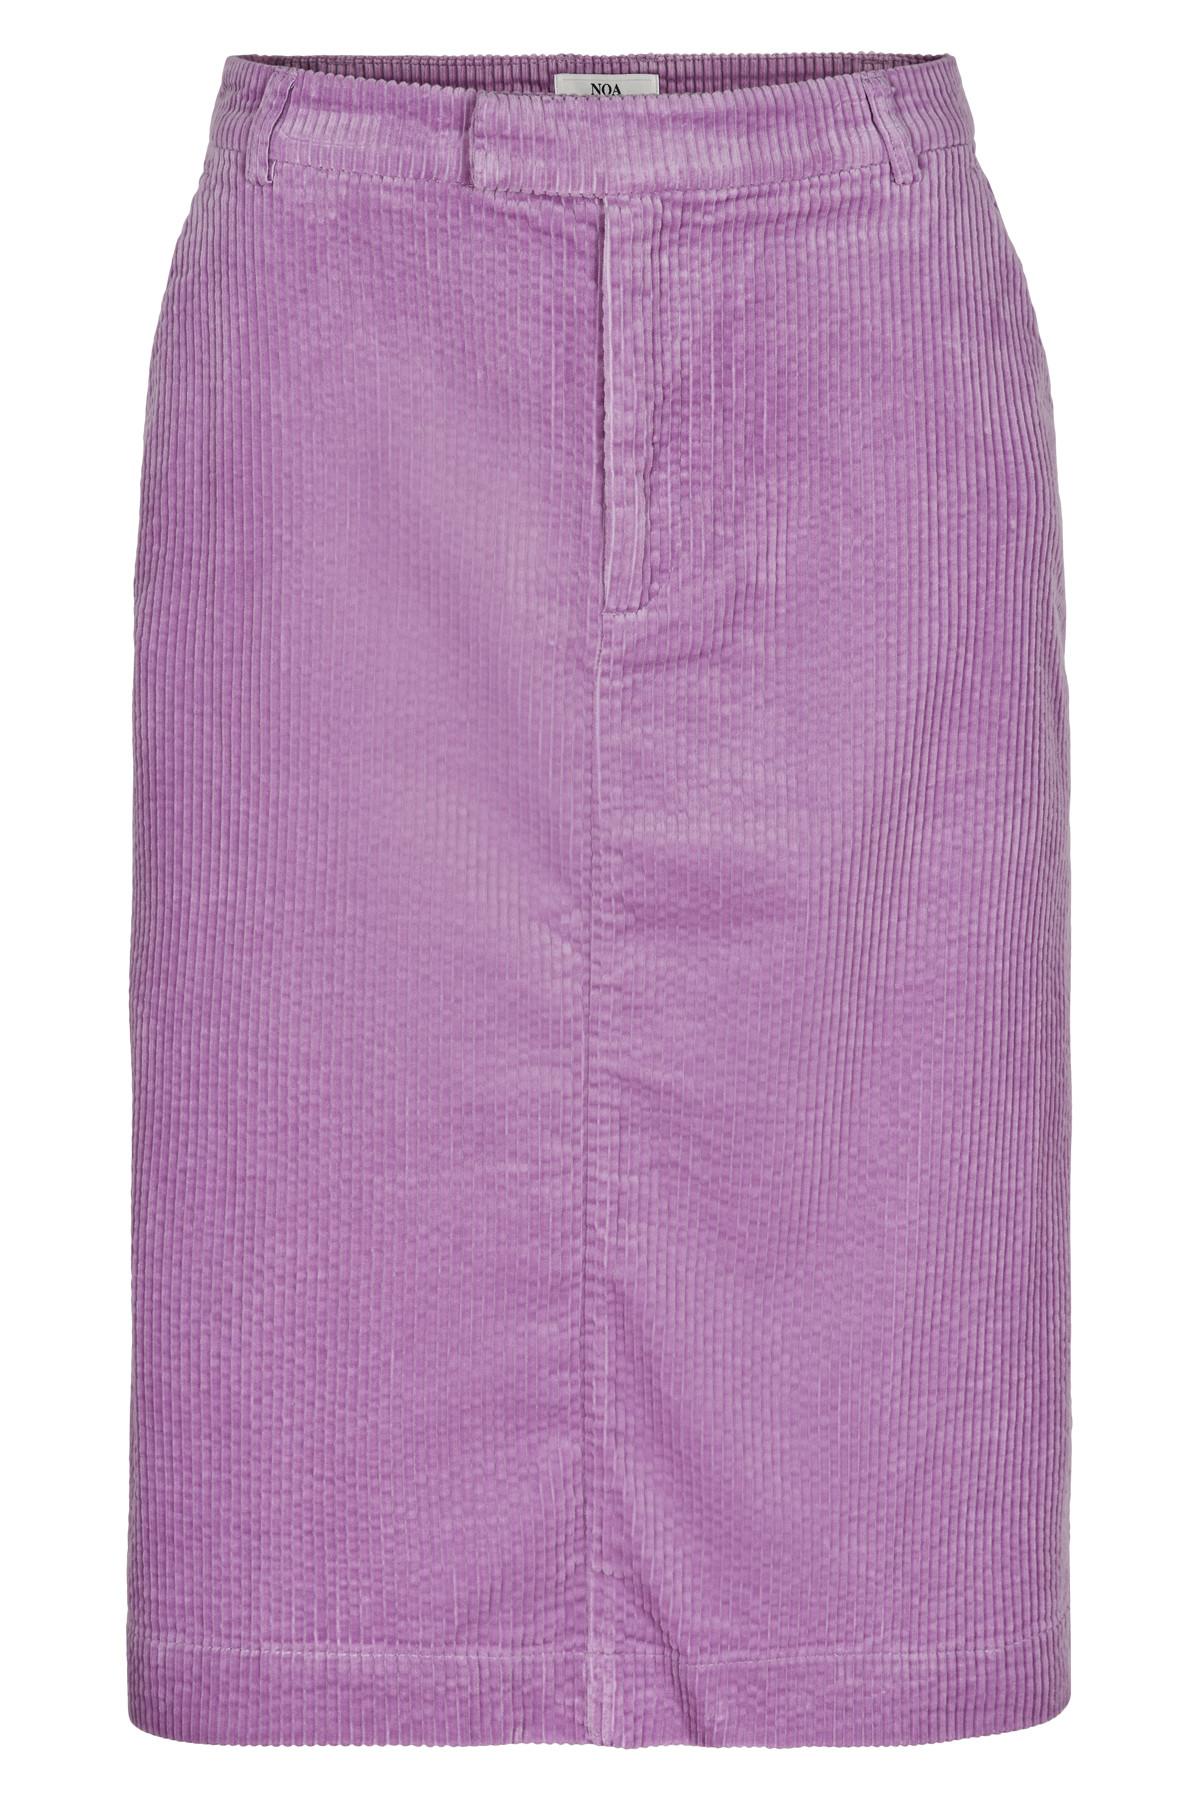 NOA NOA SKIRT 1-9920-1 00976 (Purple, 32)